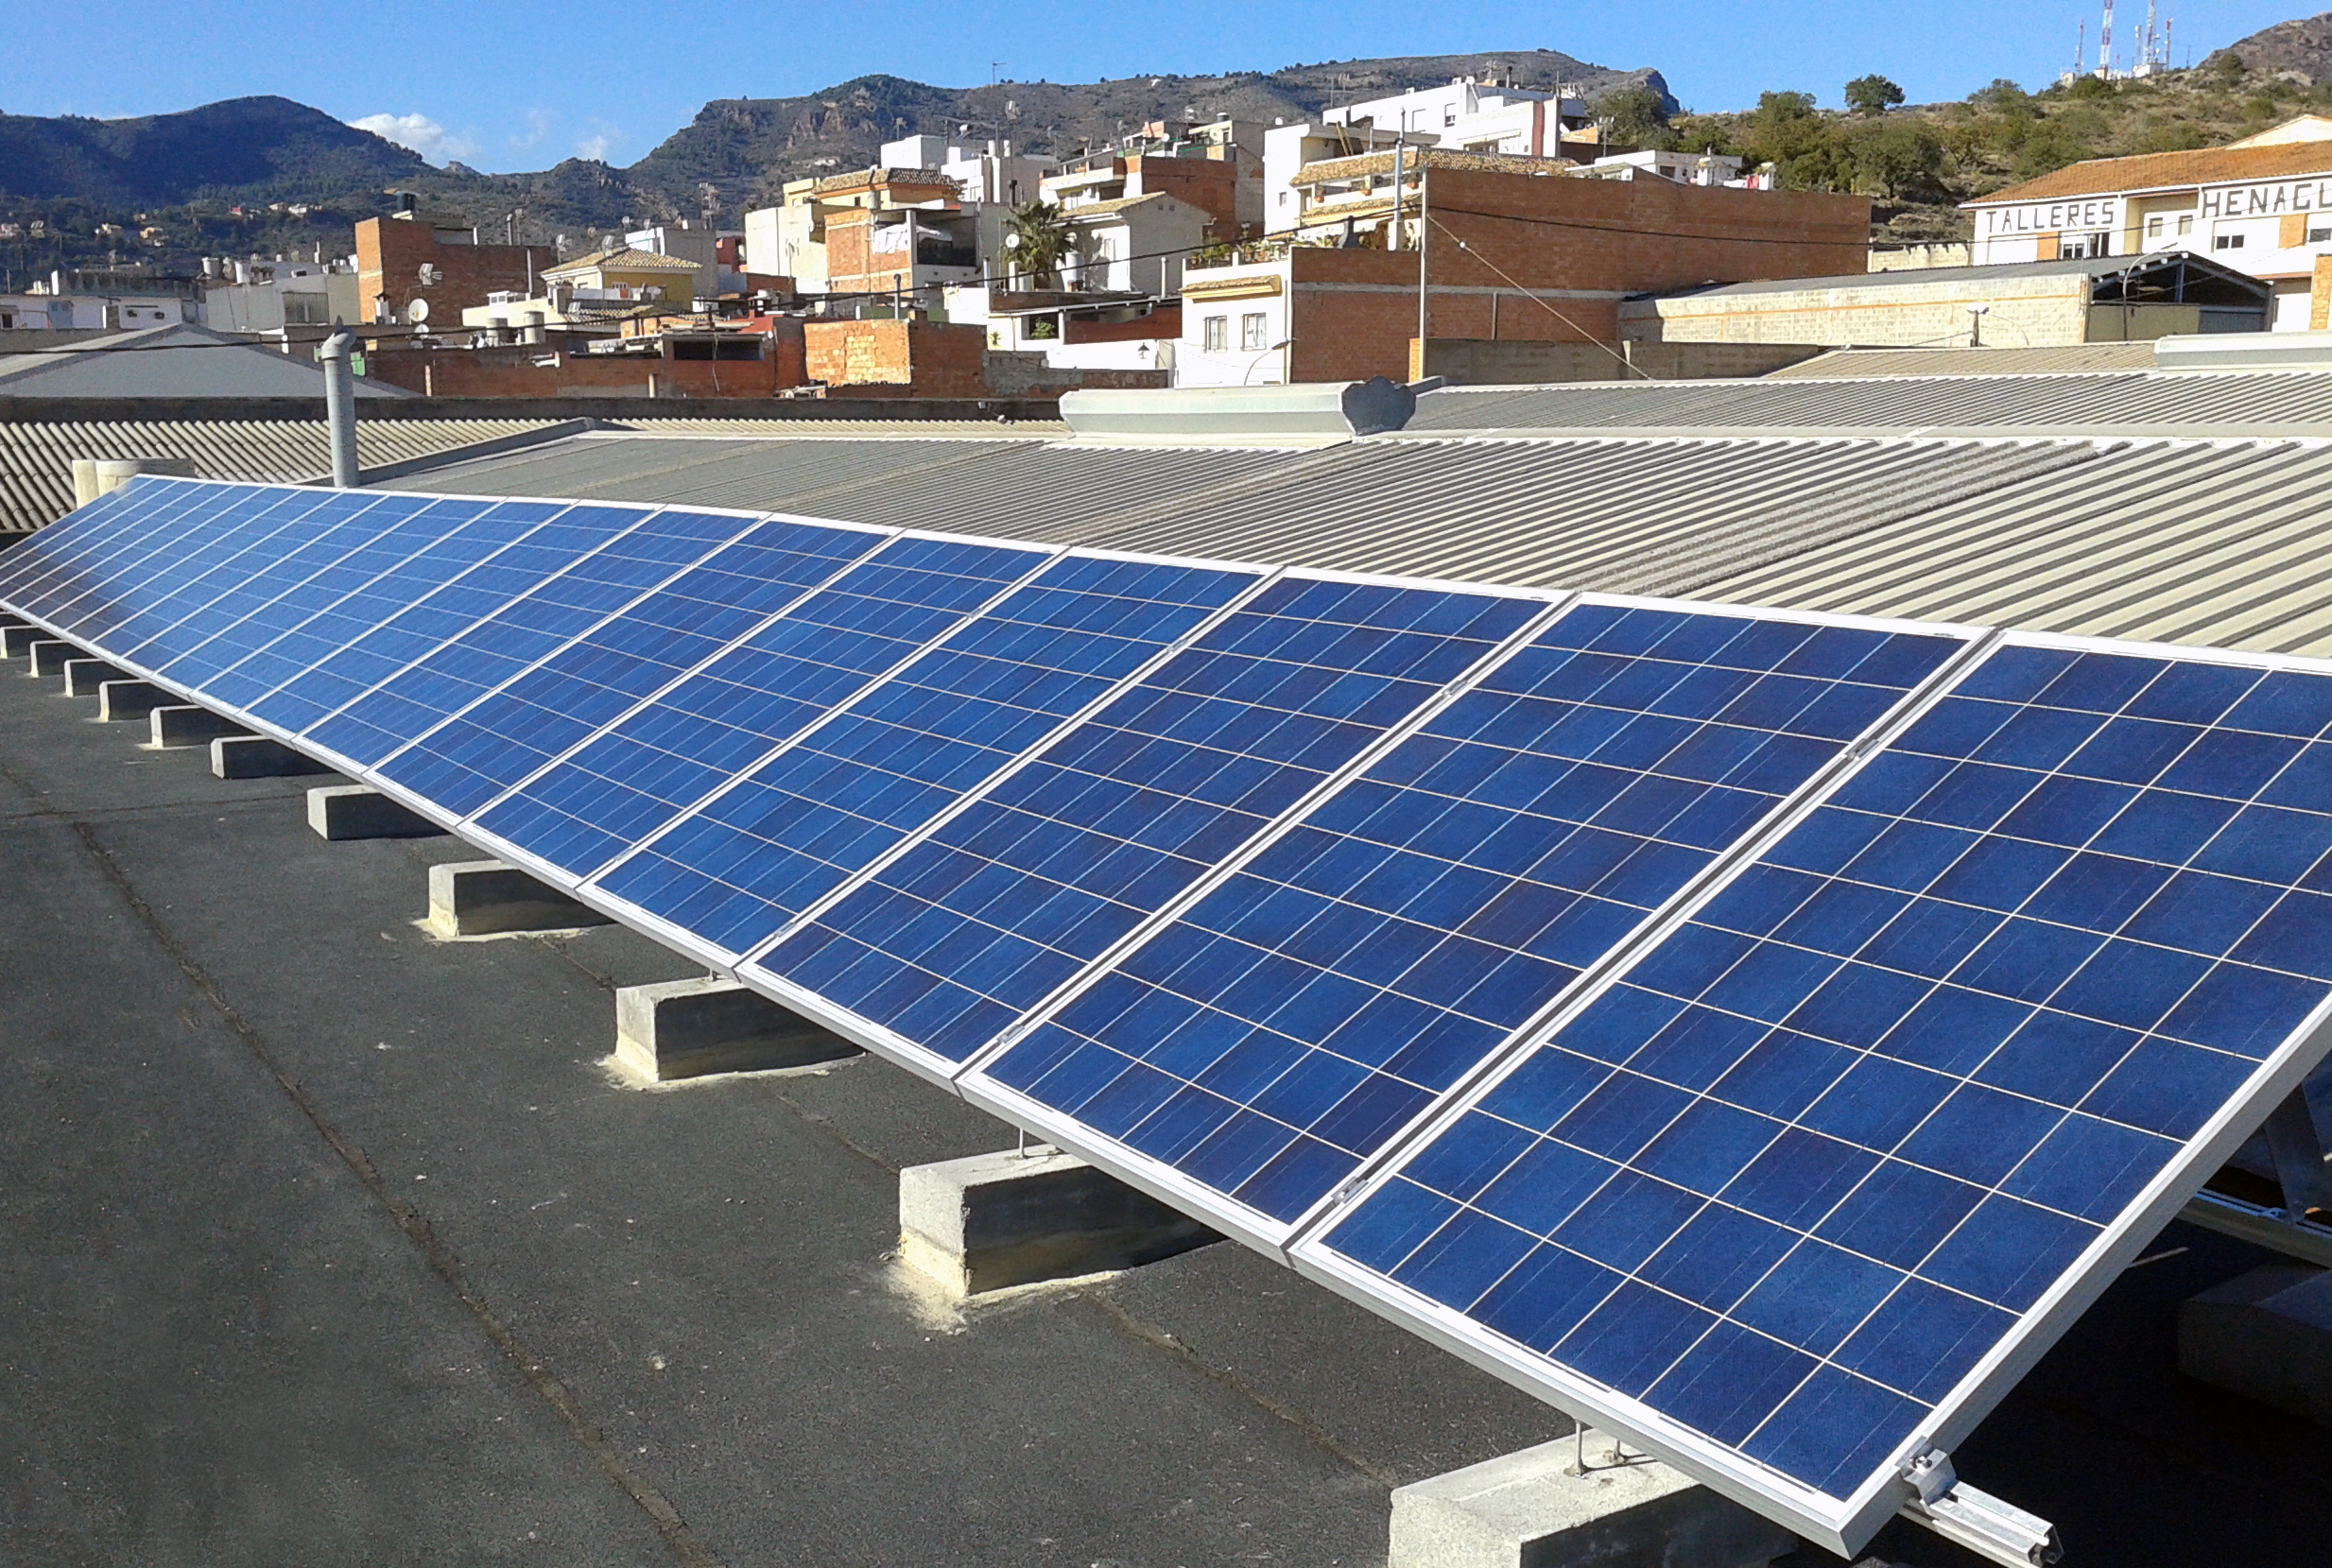 Las Empresas De Energ 237 A Solar Fotovoltaica Reclaman La